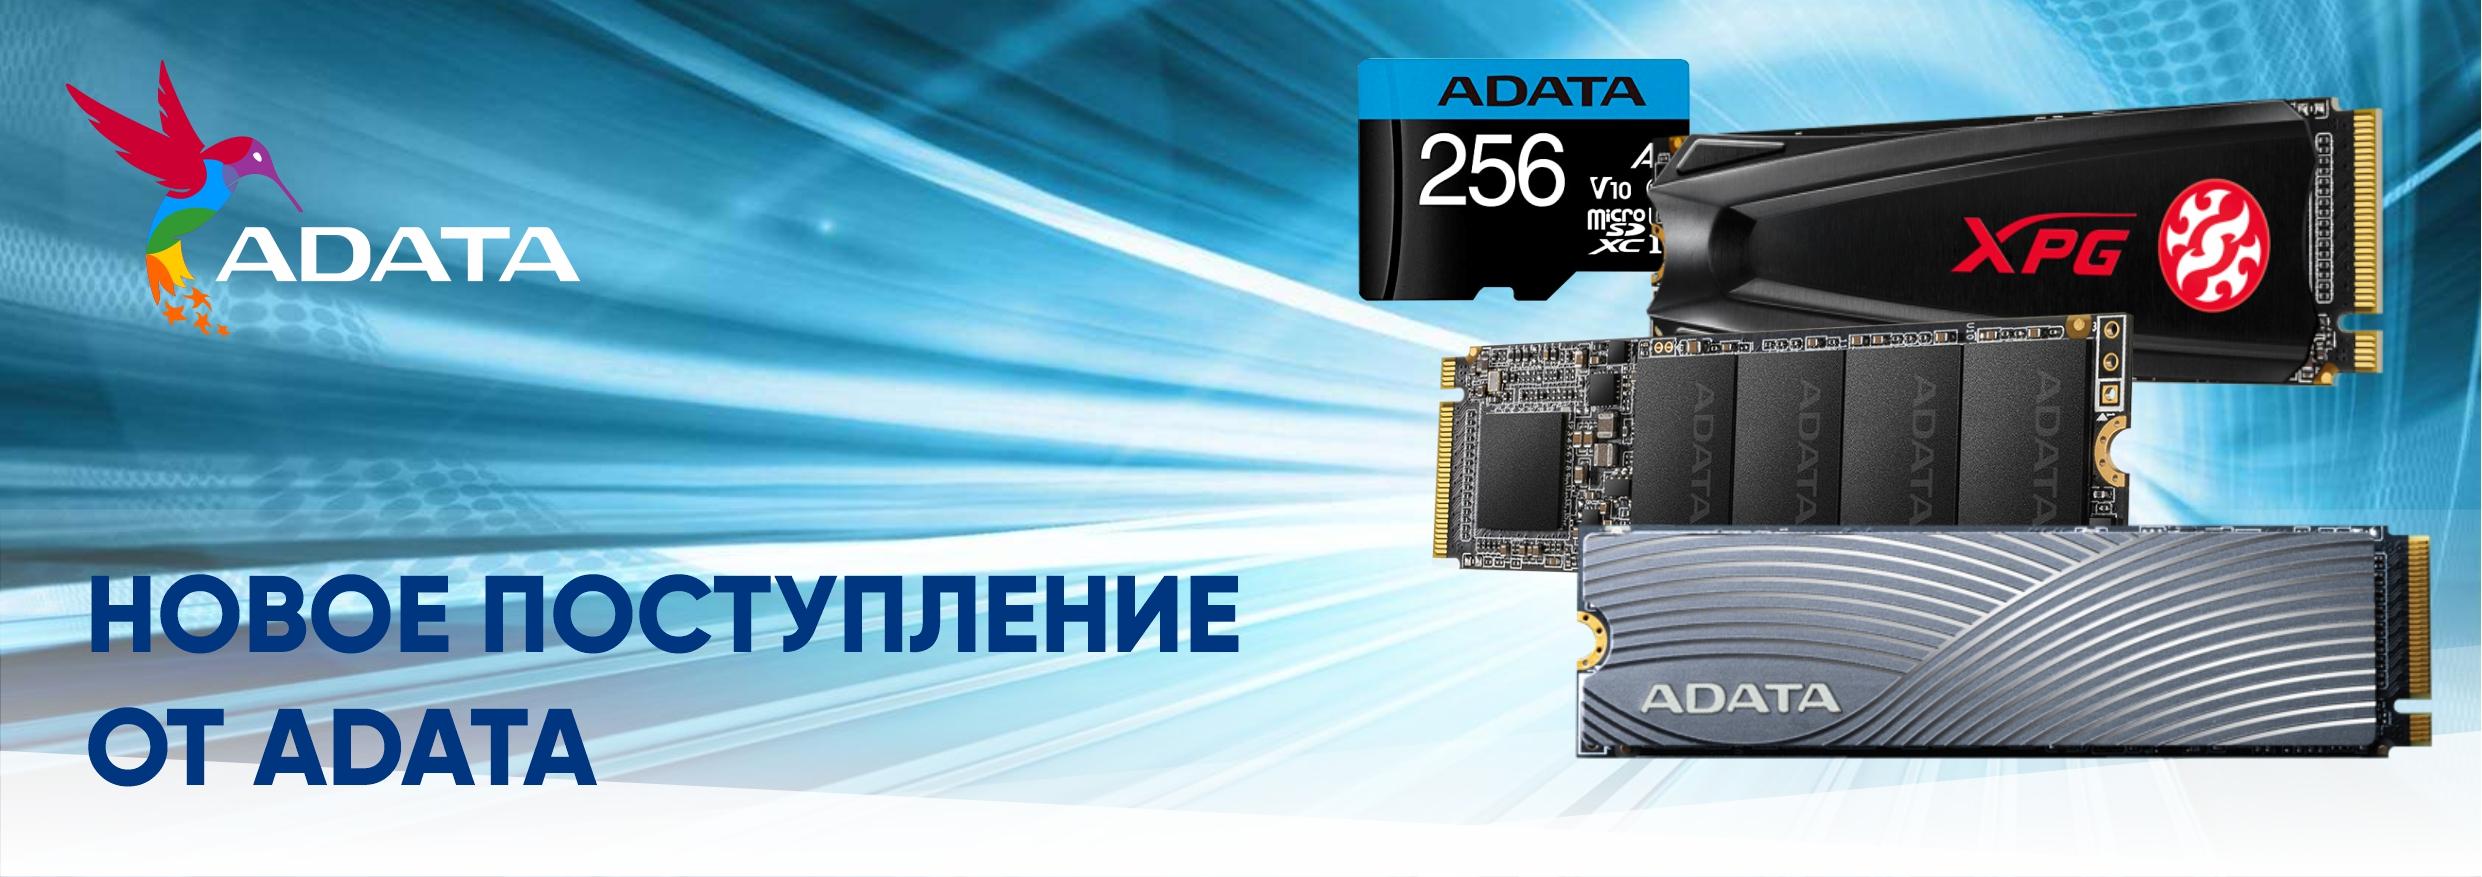 Поступление нового товара, а точнее носителей информации от ADATA!